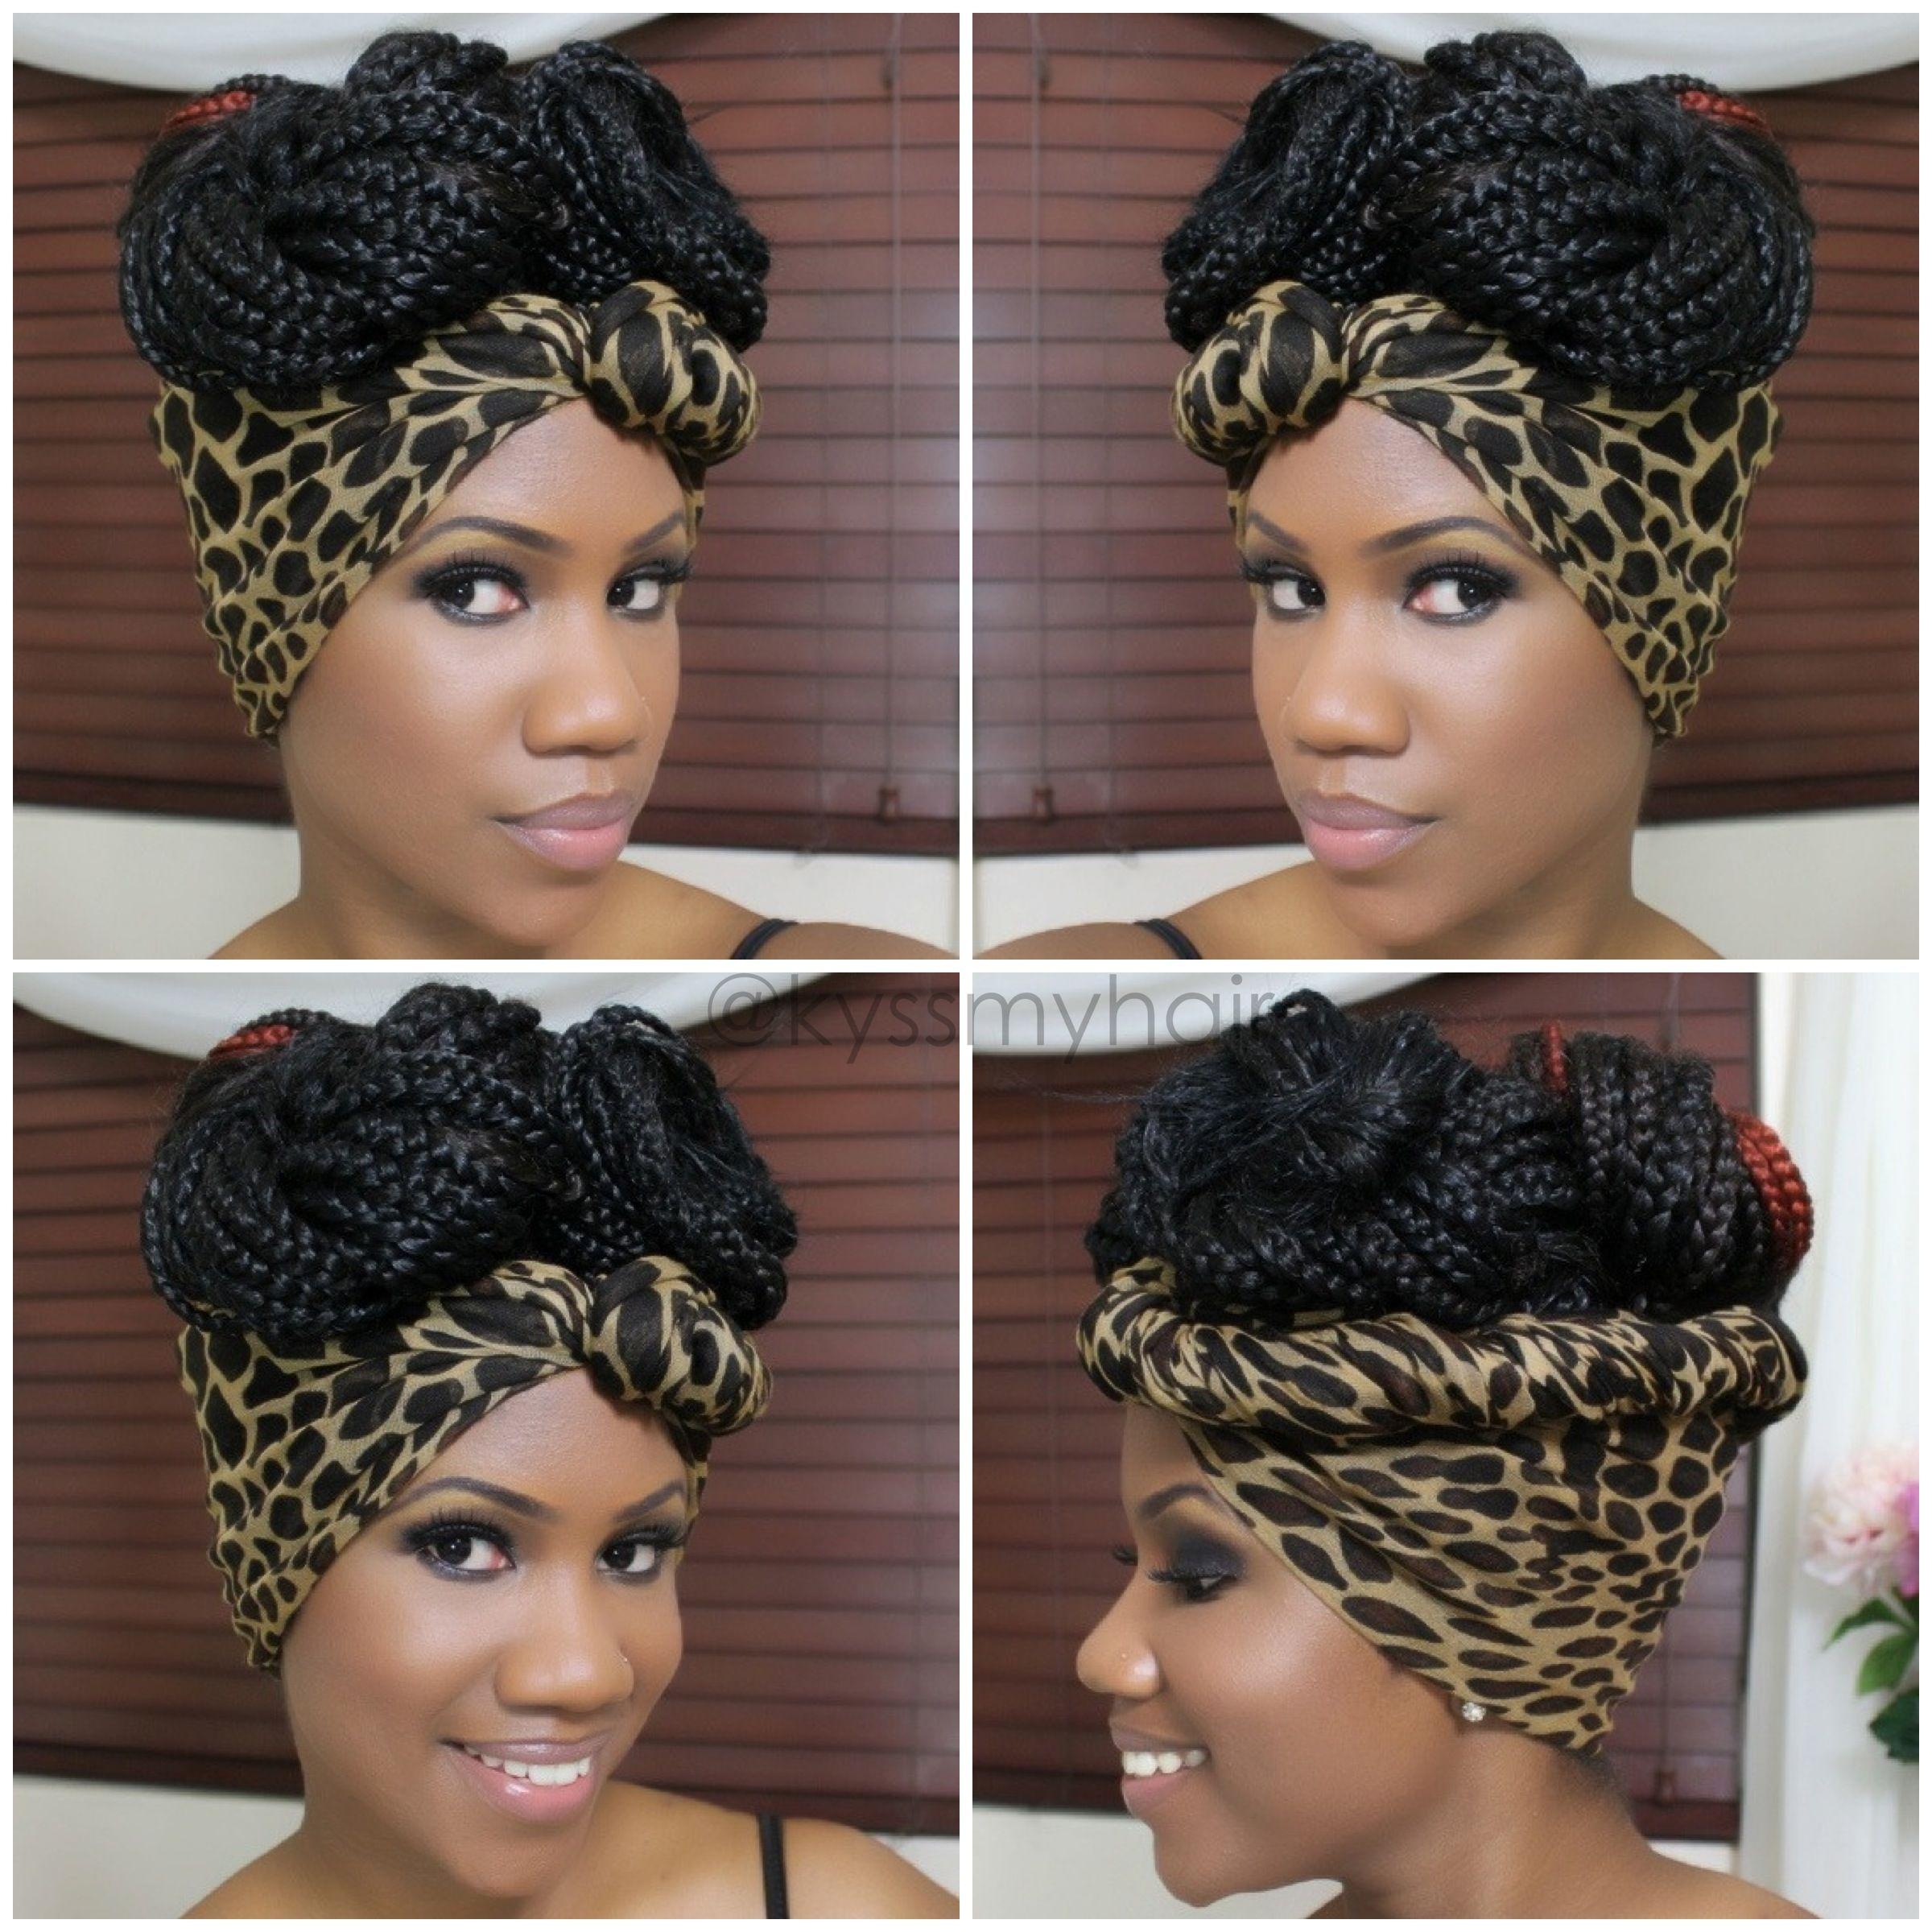 Phenomenal 1000 Images About Box Braids On Pinterest Box Braids Long Short Hairstyles Gunalazisus